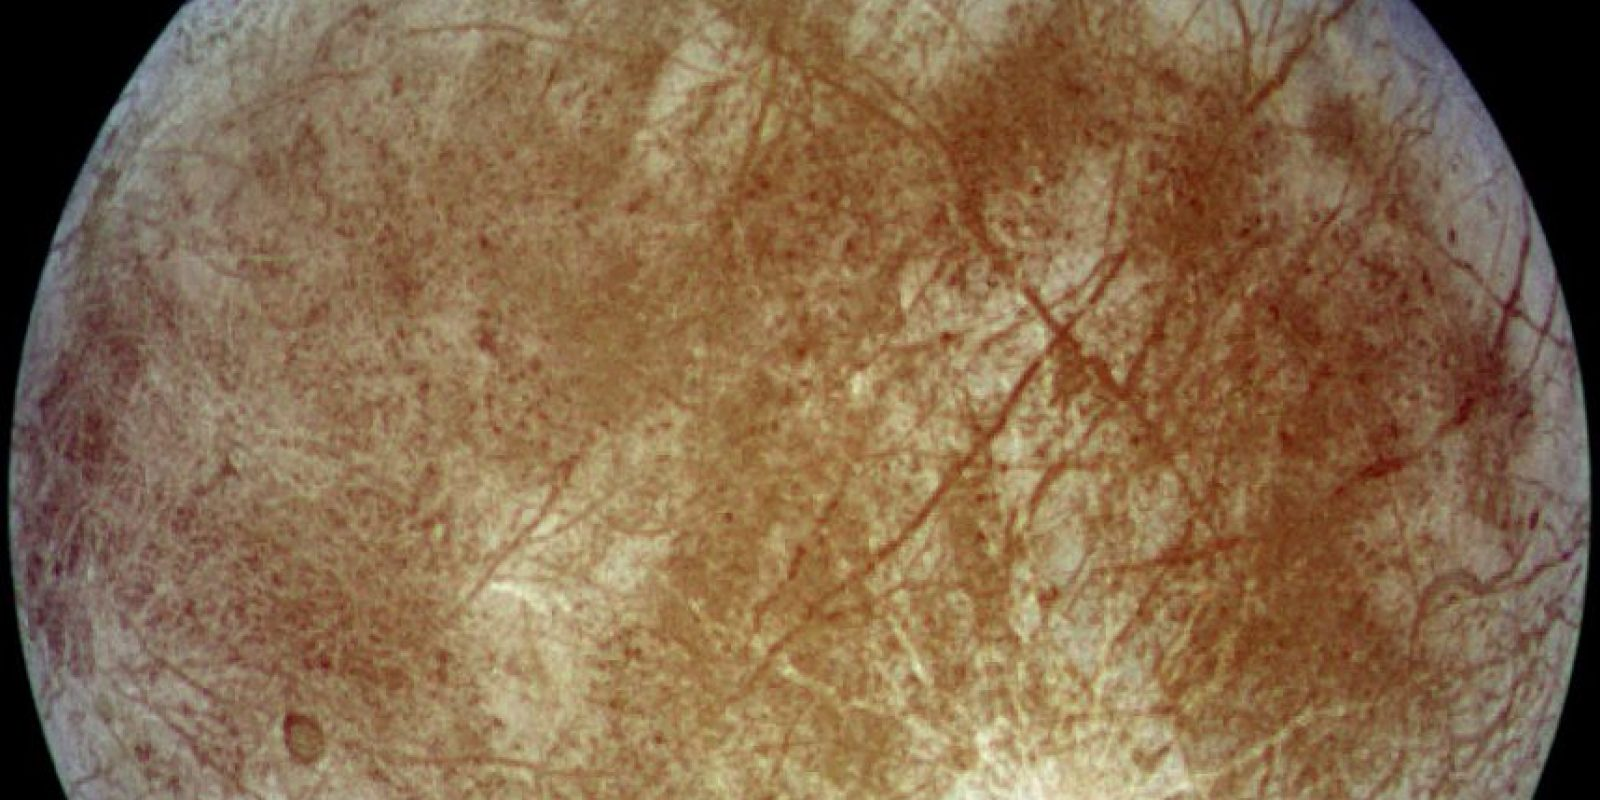 Europa, luna de Júpiter. Los científicos sospechan fuertemente que un océano salado bajo la superficie se encuentra debajo de la corteza helada de Europa. El calentamiento por marea de su planeta madre, Júpiter, mantiene el estado líquido de este océano, y también crea bolsillos parcialmente derretidos, o lagos, a lo largo de la cáscara externa de la luna.